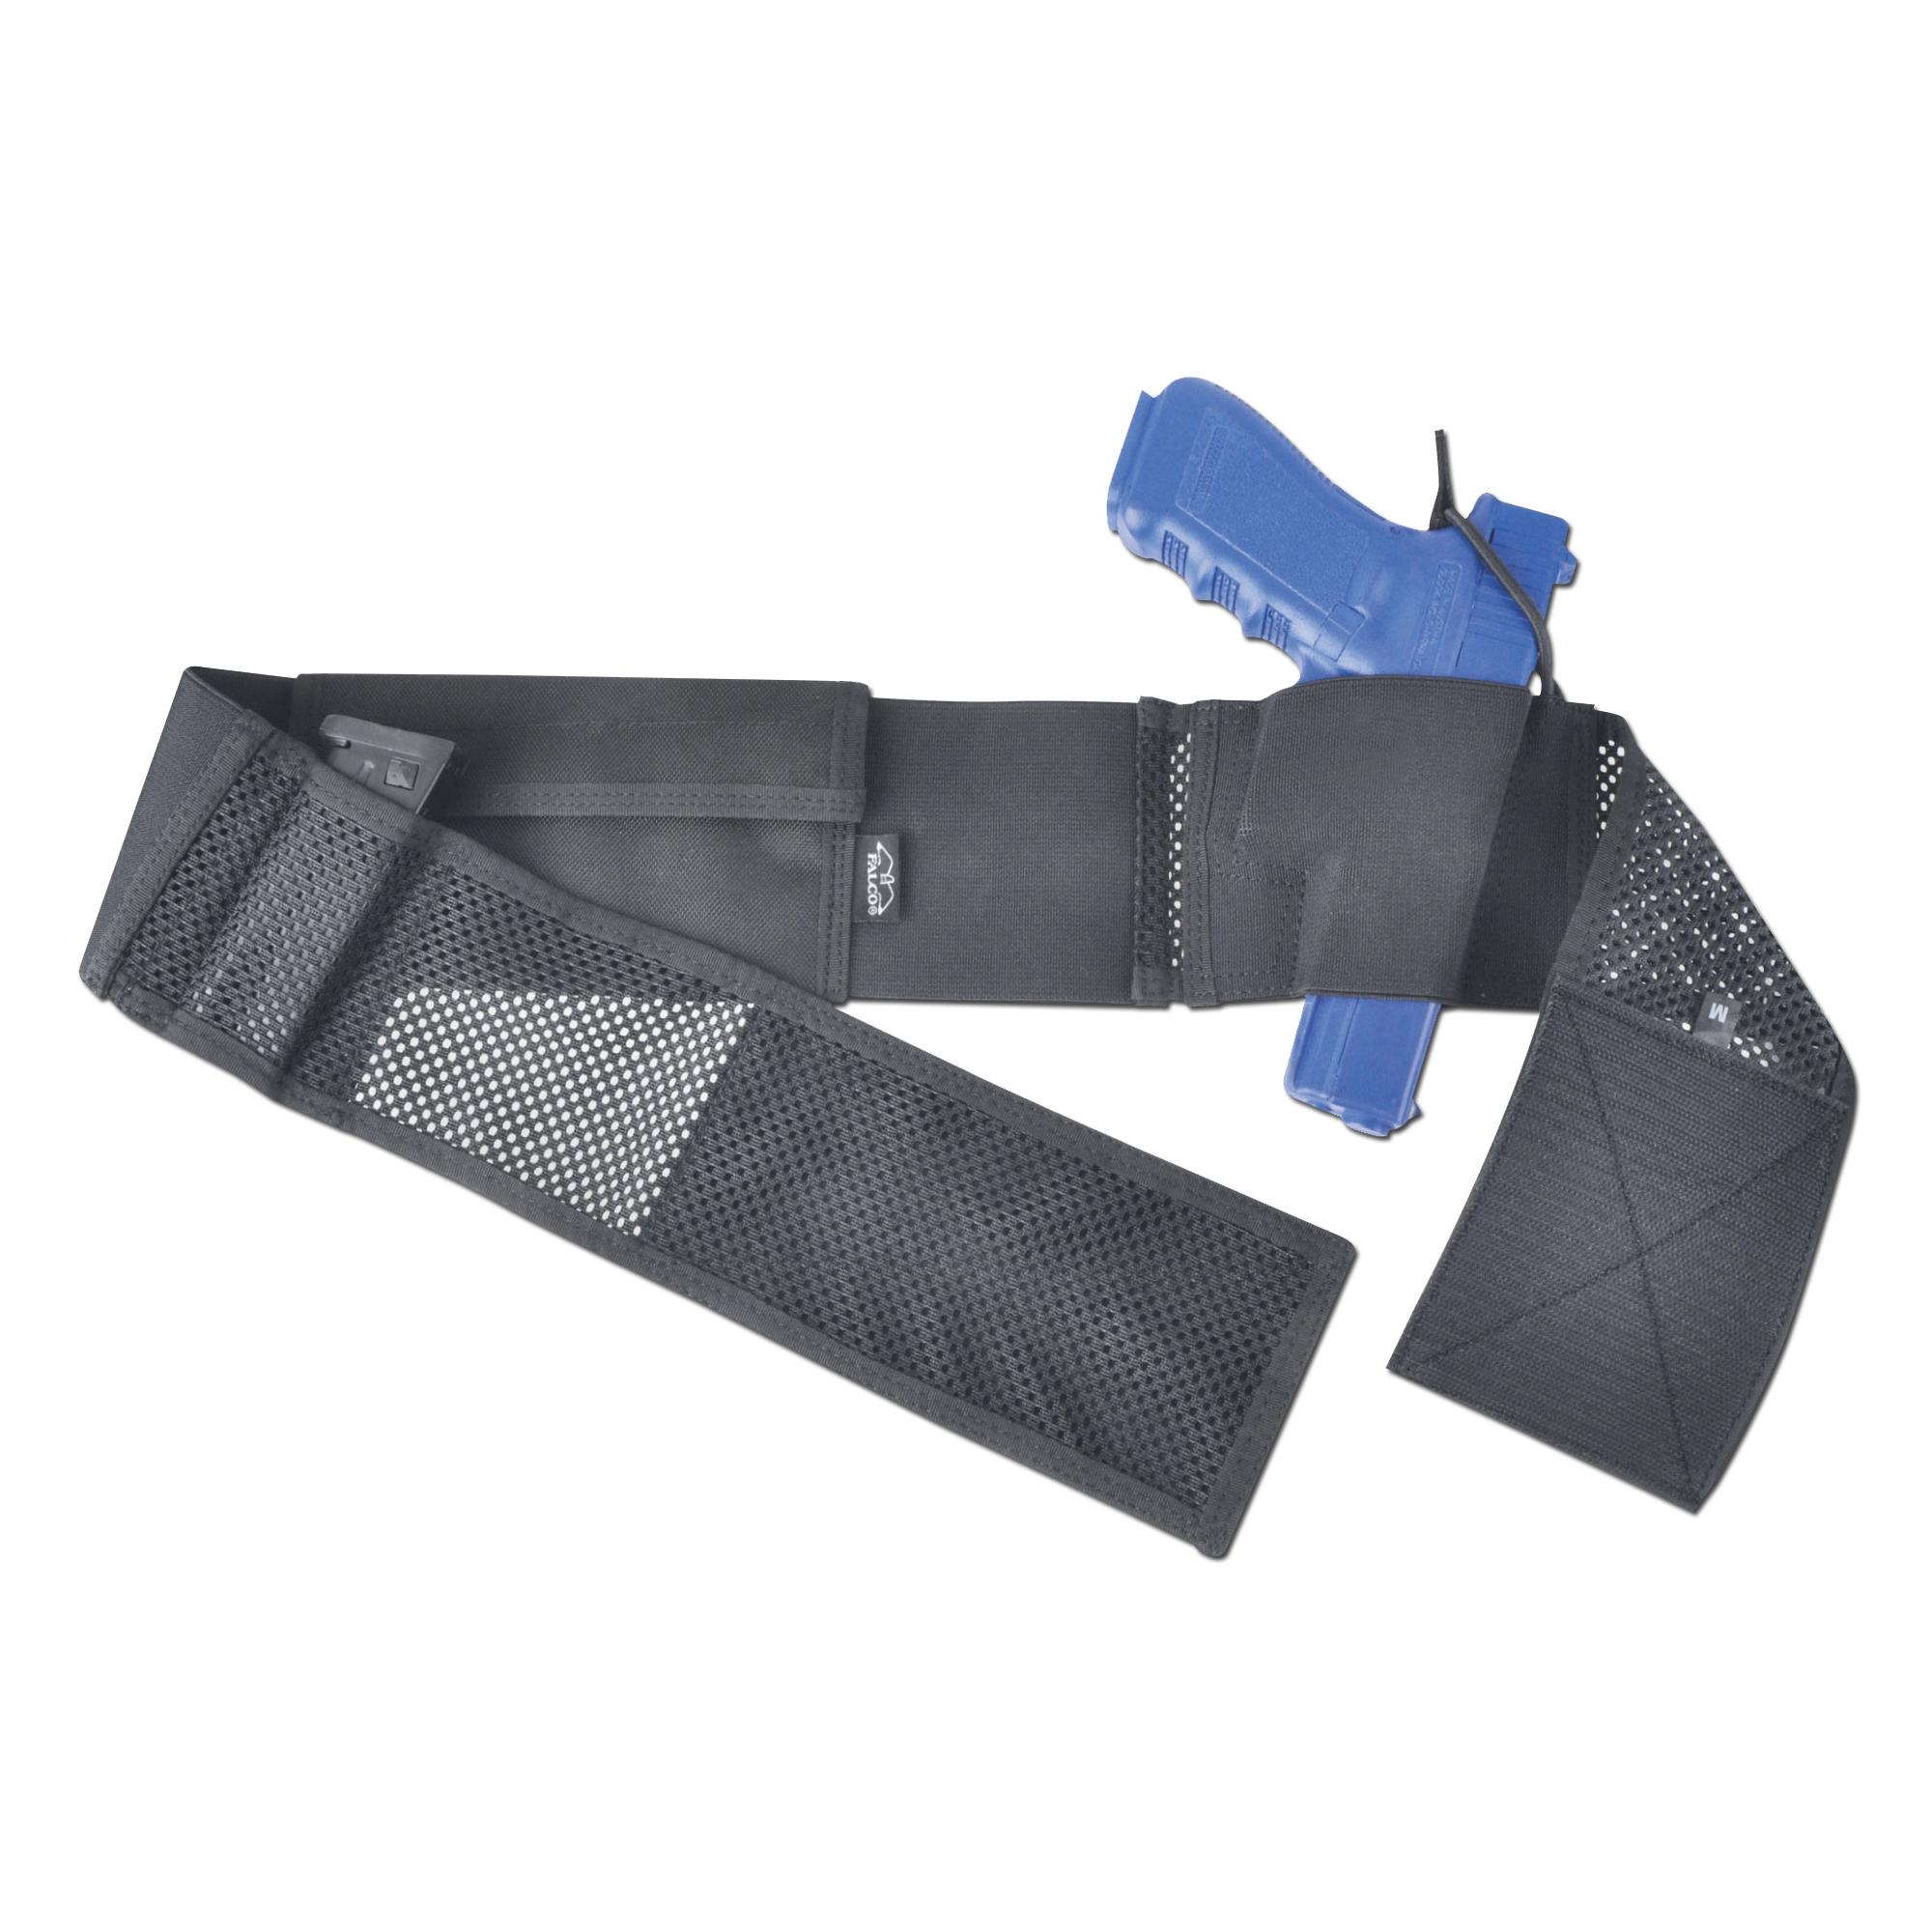 Bauchgurtholster 508/3 Rechtshänder schwarz